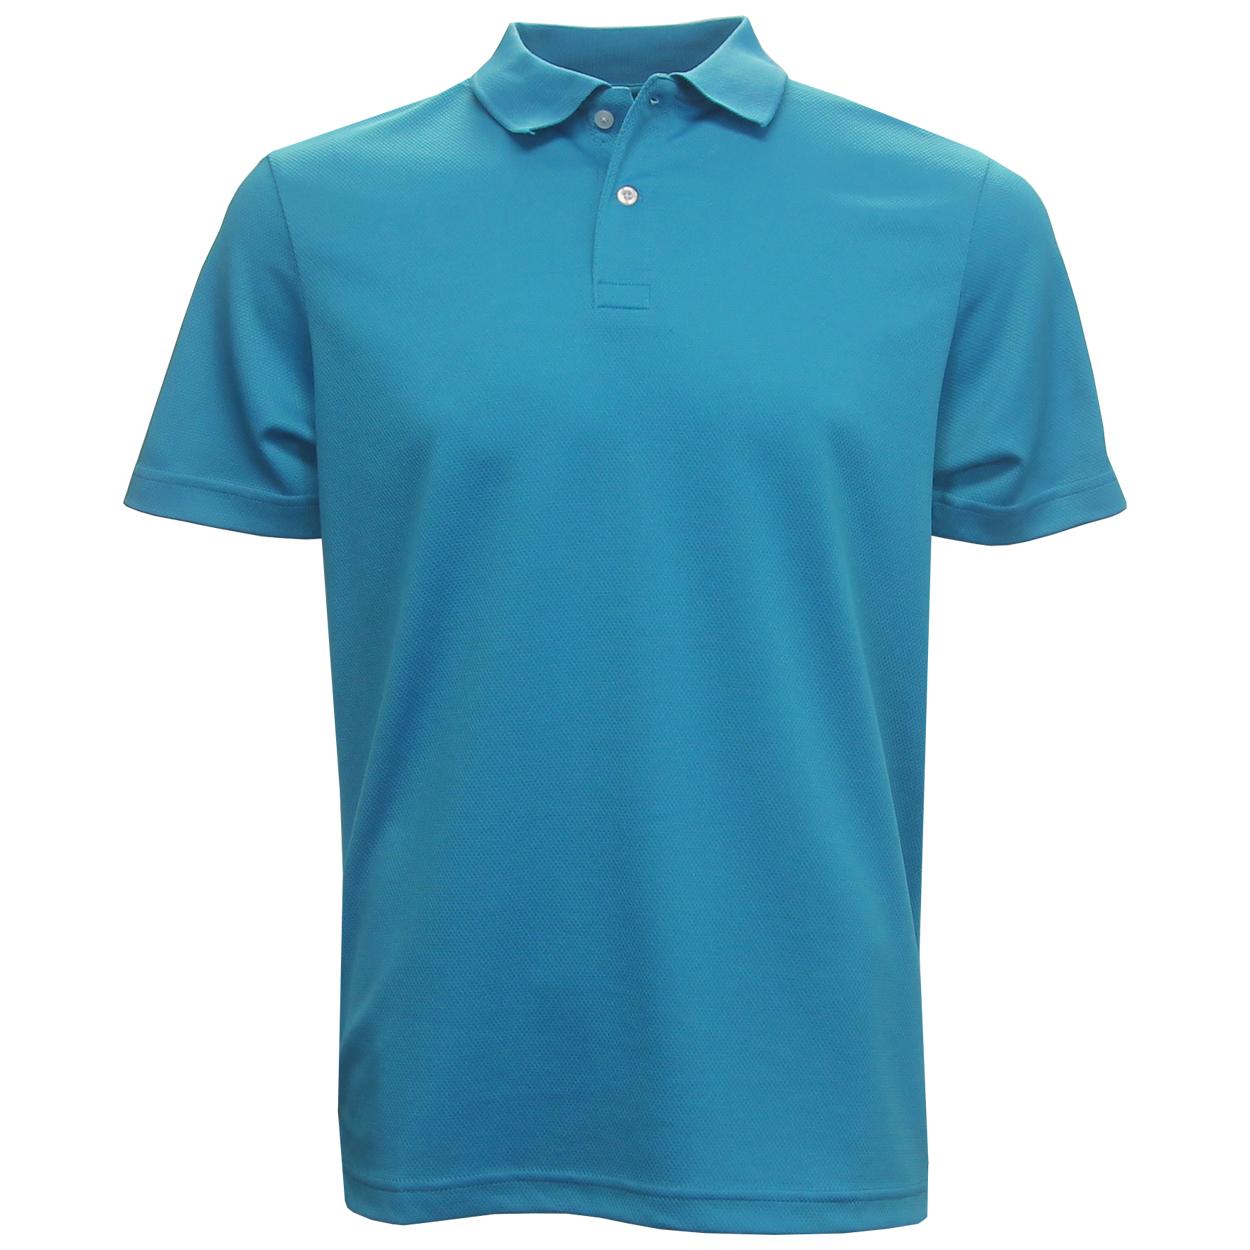 ee3a730f3 Tour Golf Shirts - DREAMWORKS